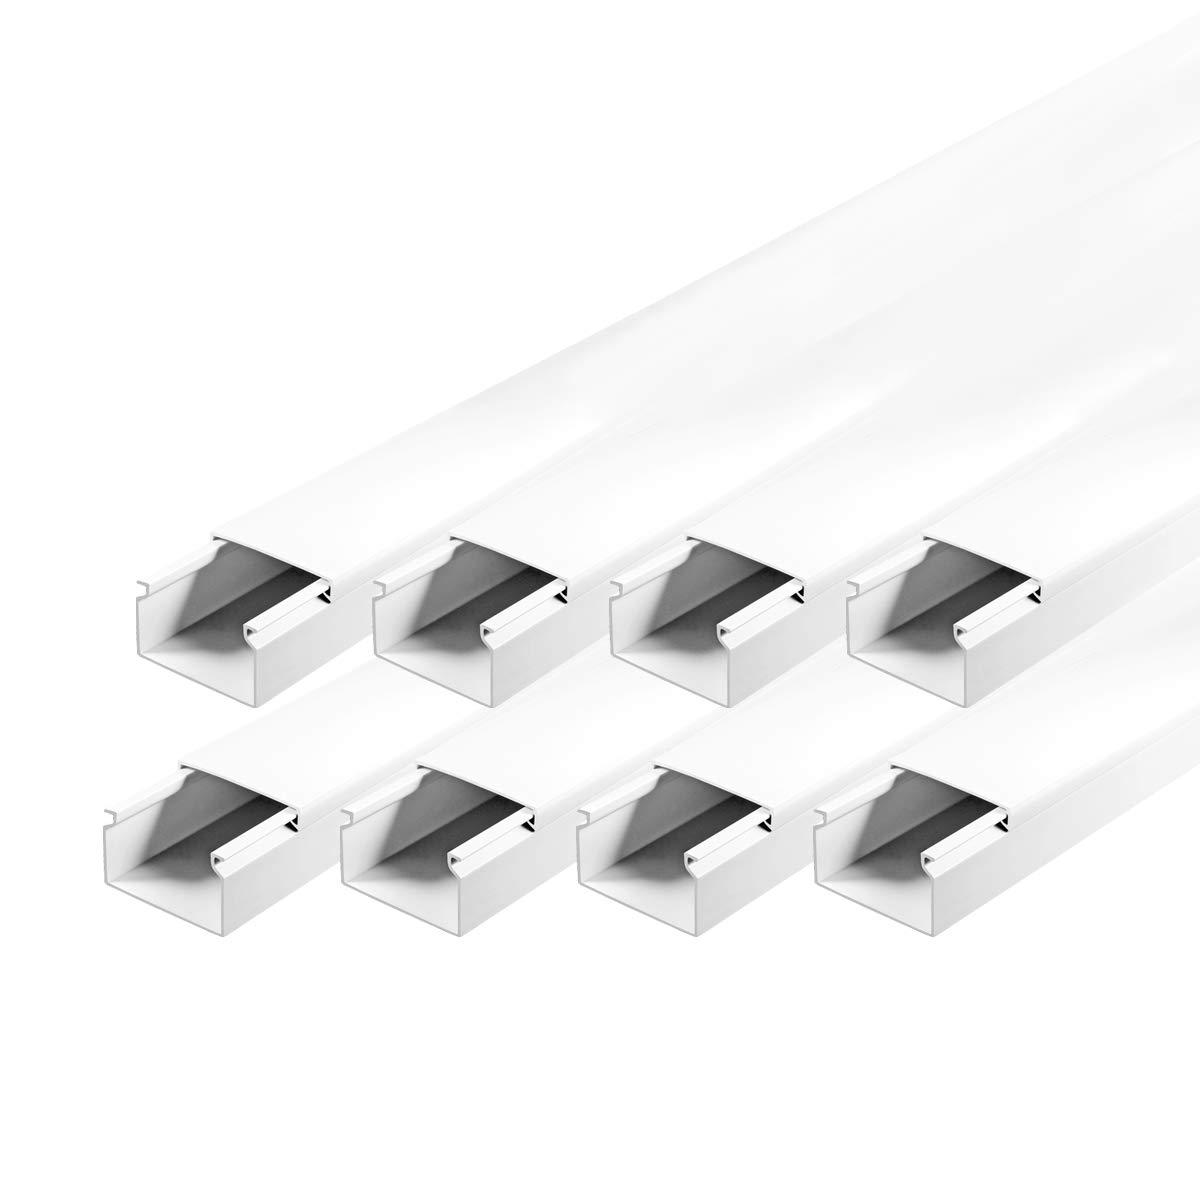 Kabelkanal schraubbar 40 x 25 mm PVC 8m Wand und Decken Montage